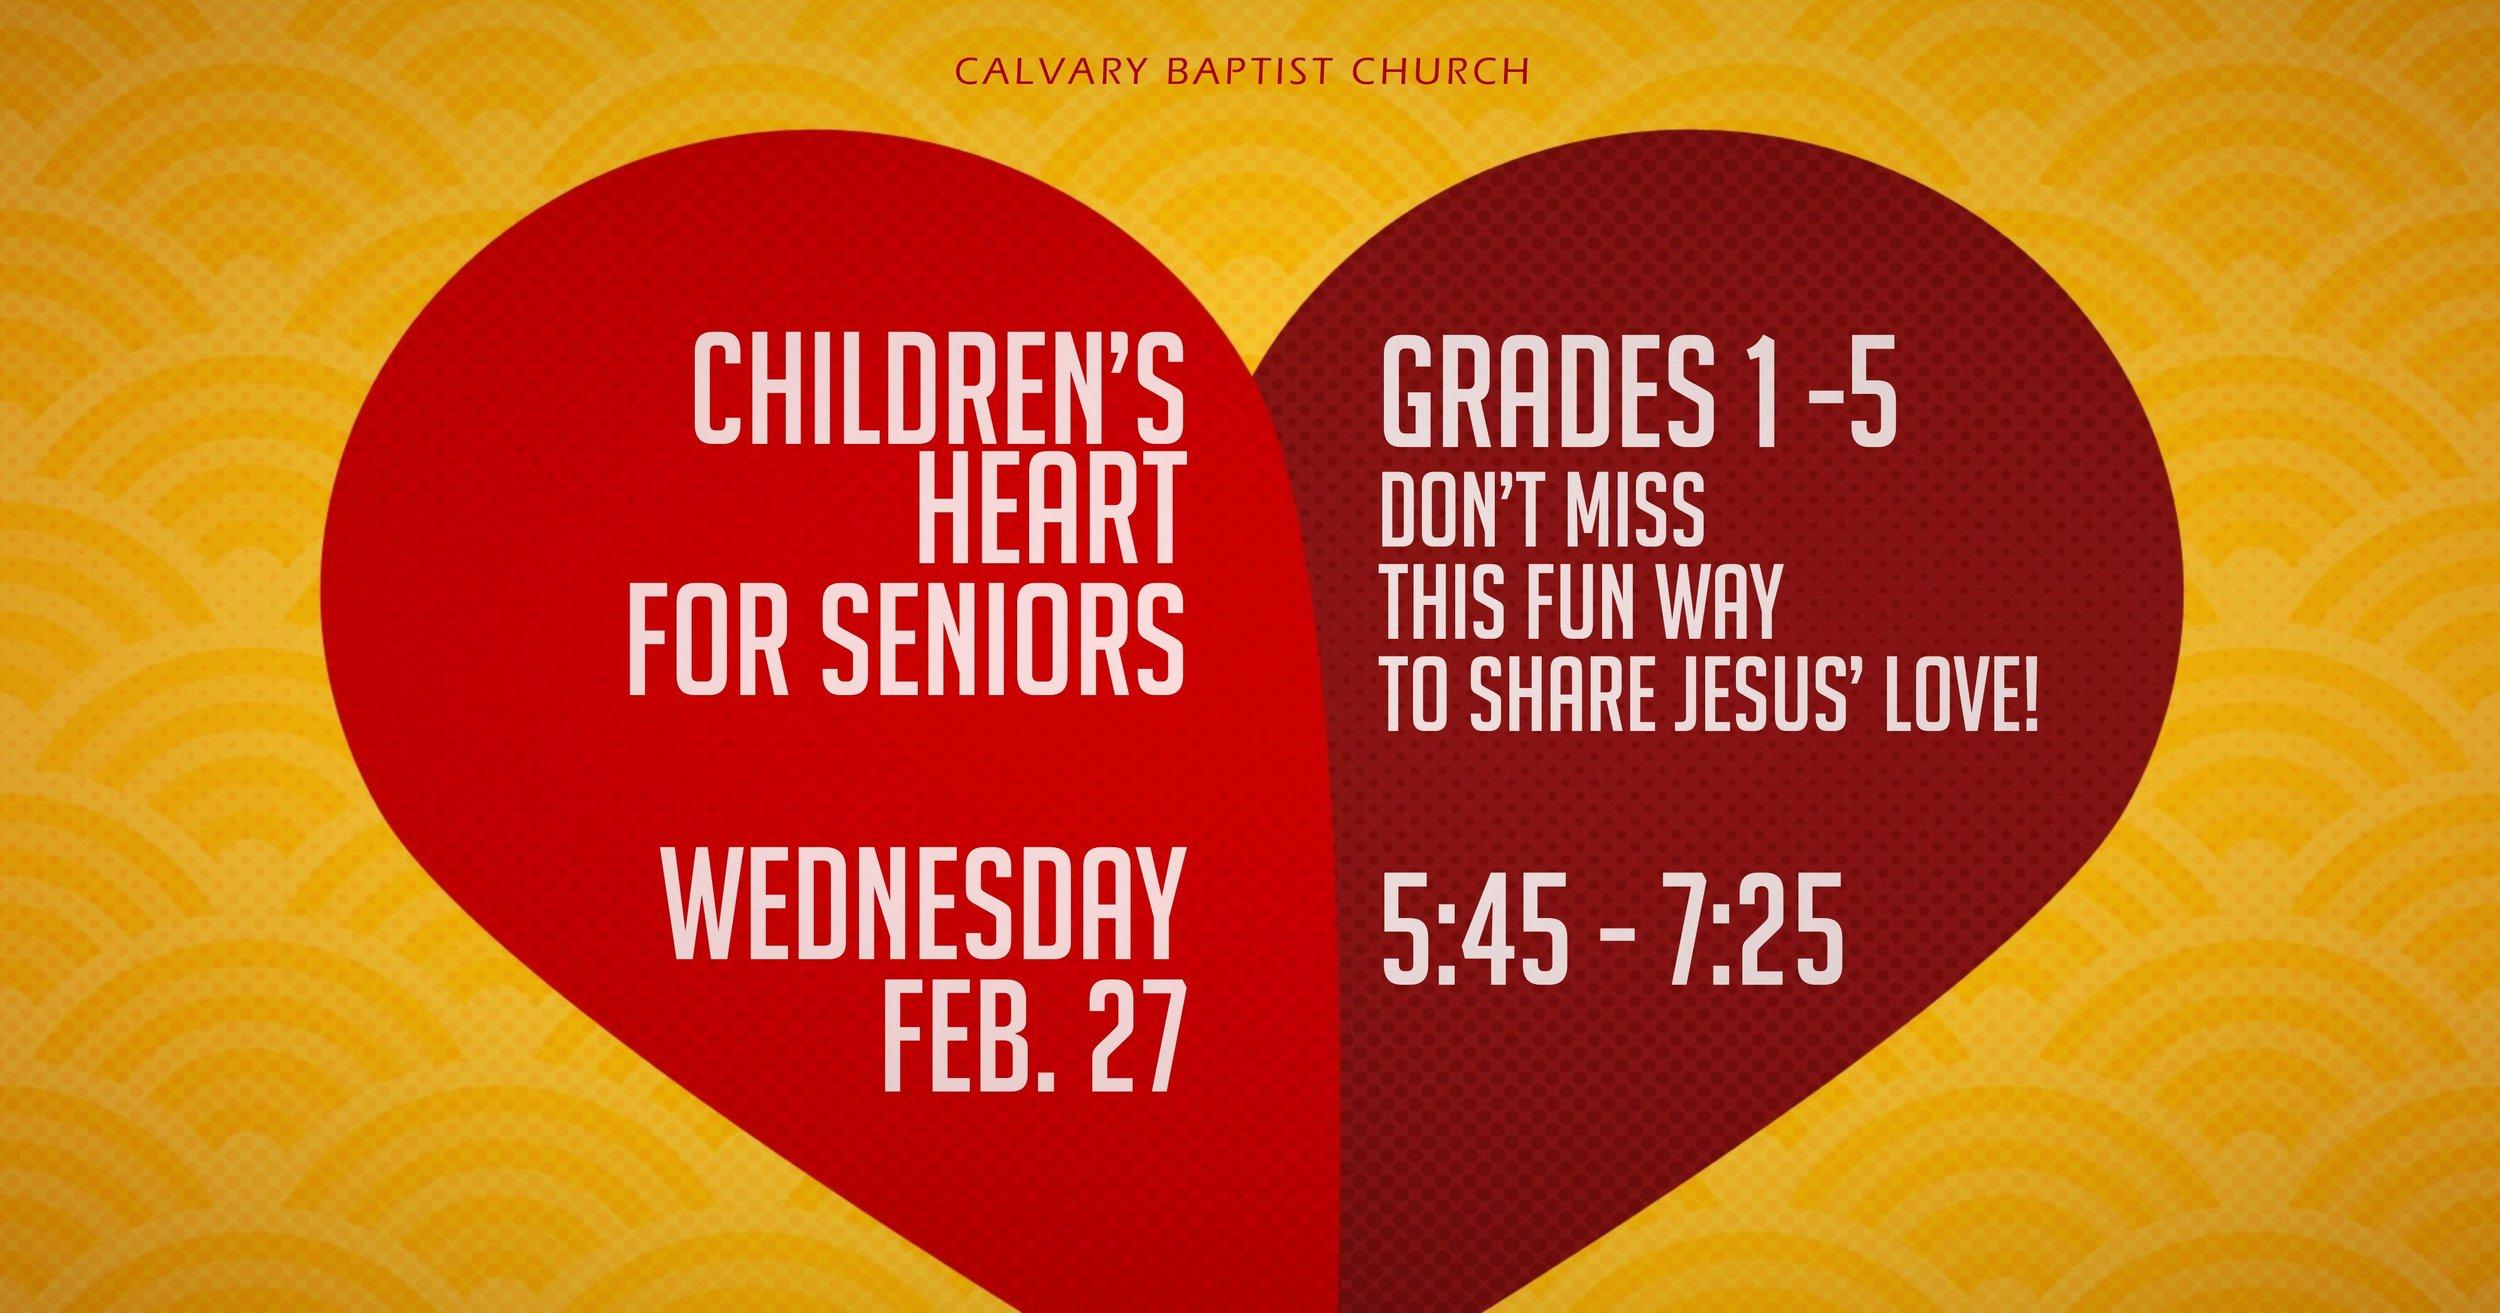 Heart for Seniors FB 021419.jpg